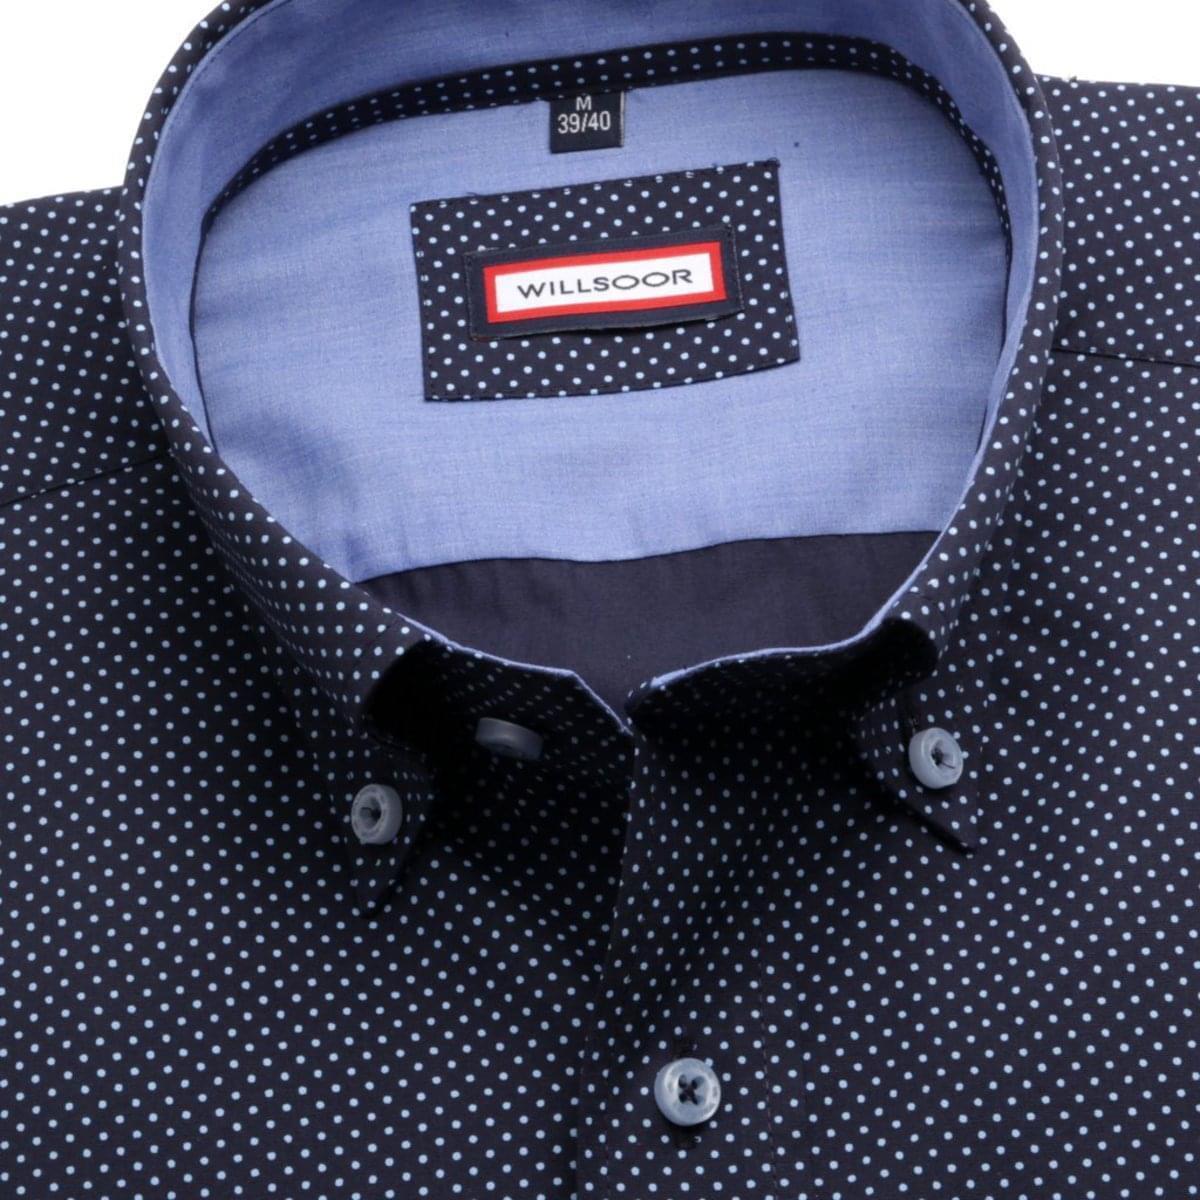 Pánská klasická košile Classic (výška 176-182) 5936 ve tmavě modré barvě